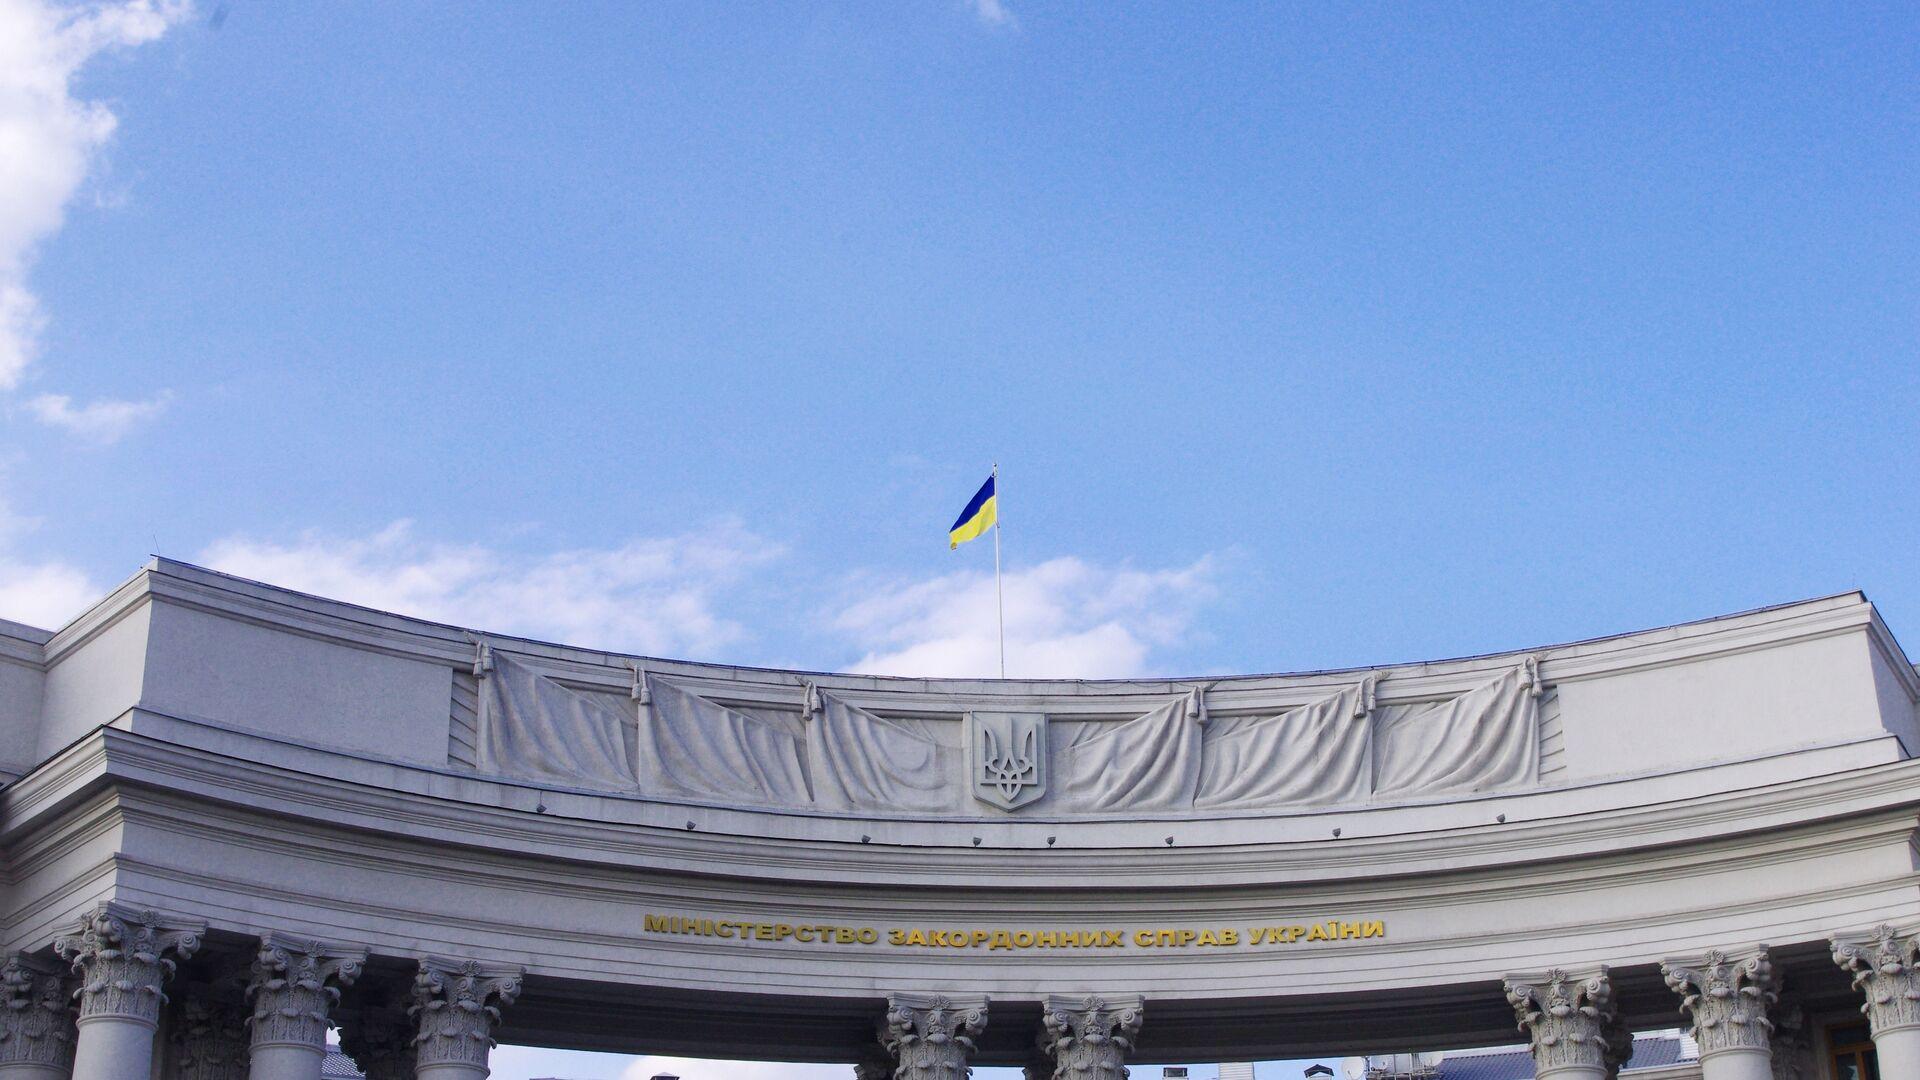 Министерство иностранных дел Украины  - РИА Новости, 1920, 18.04.2021